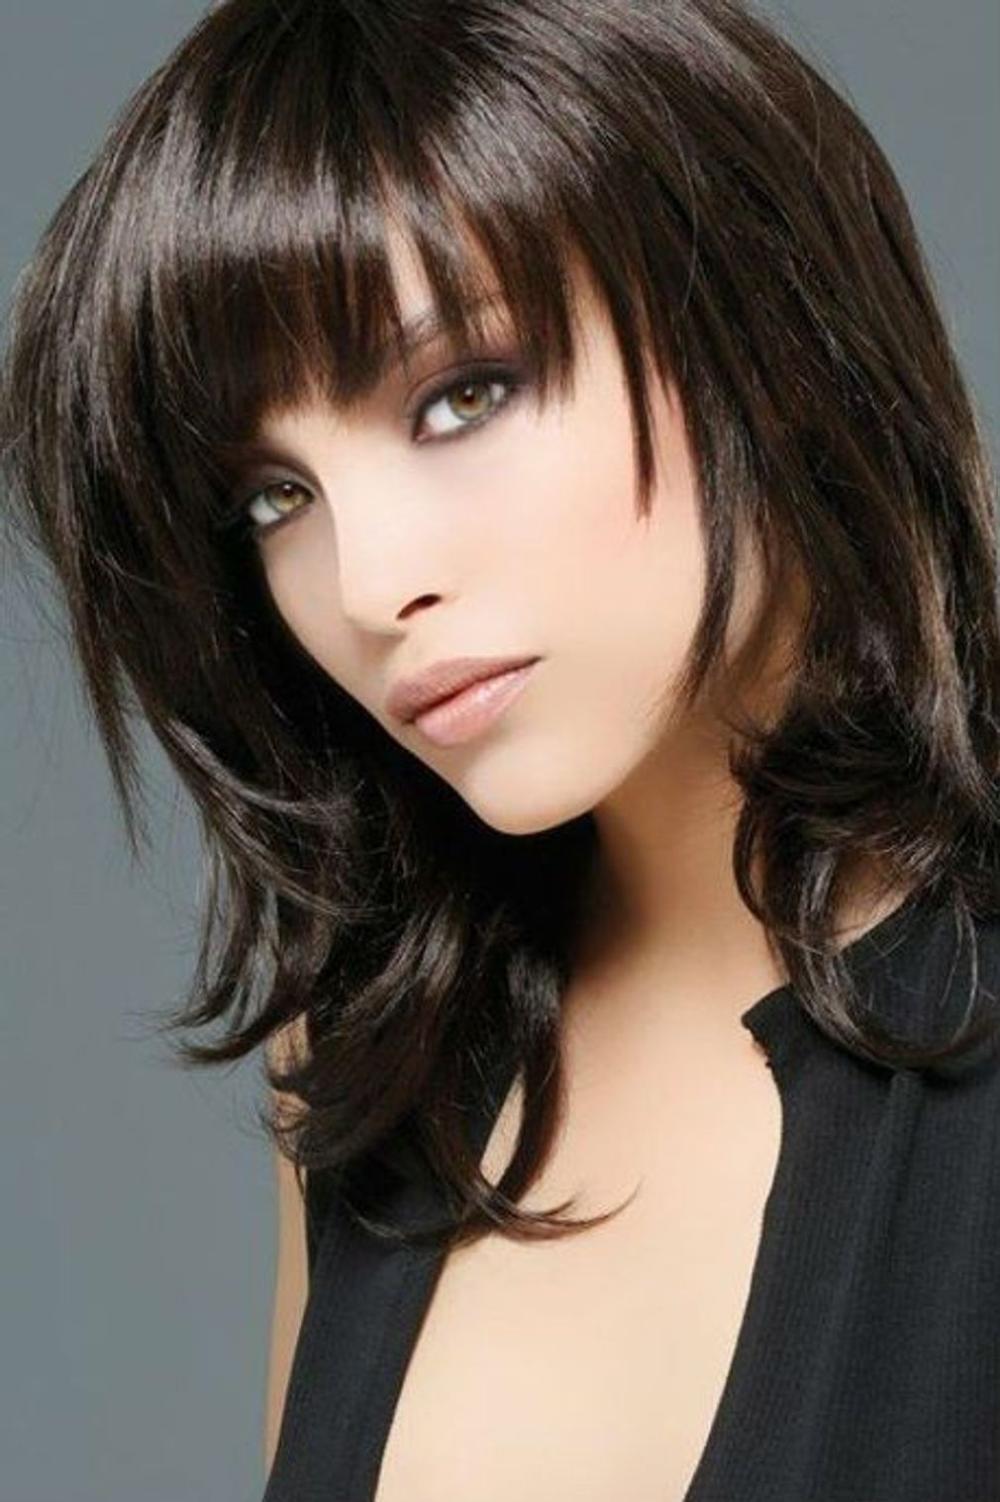 итальянка на длинные волосы фото